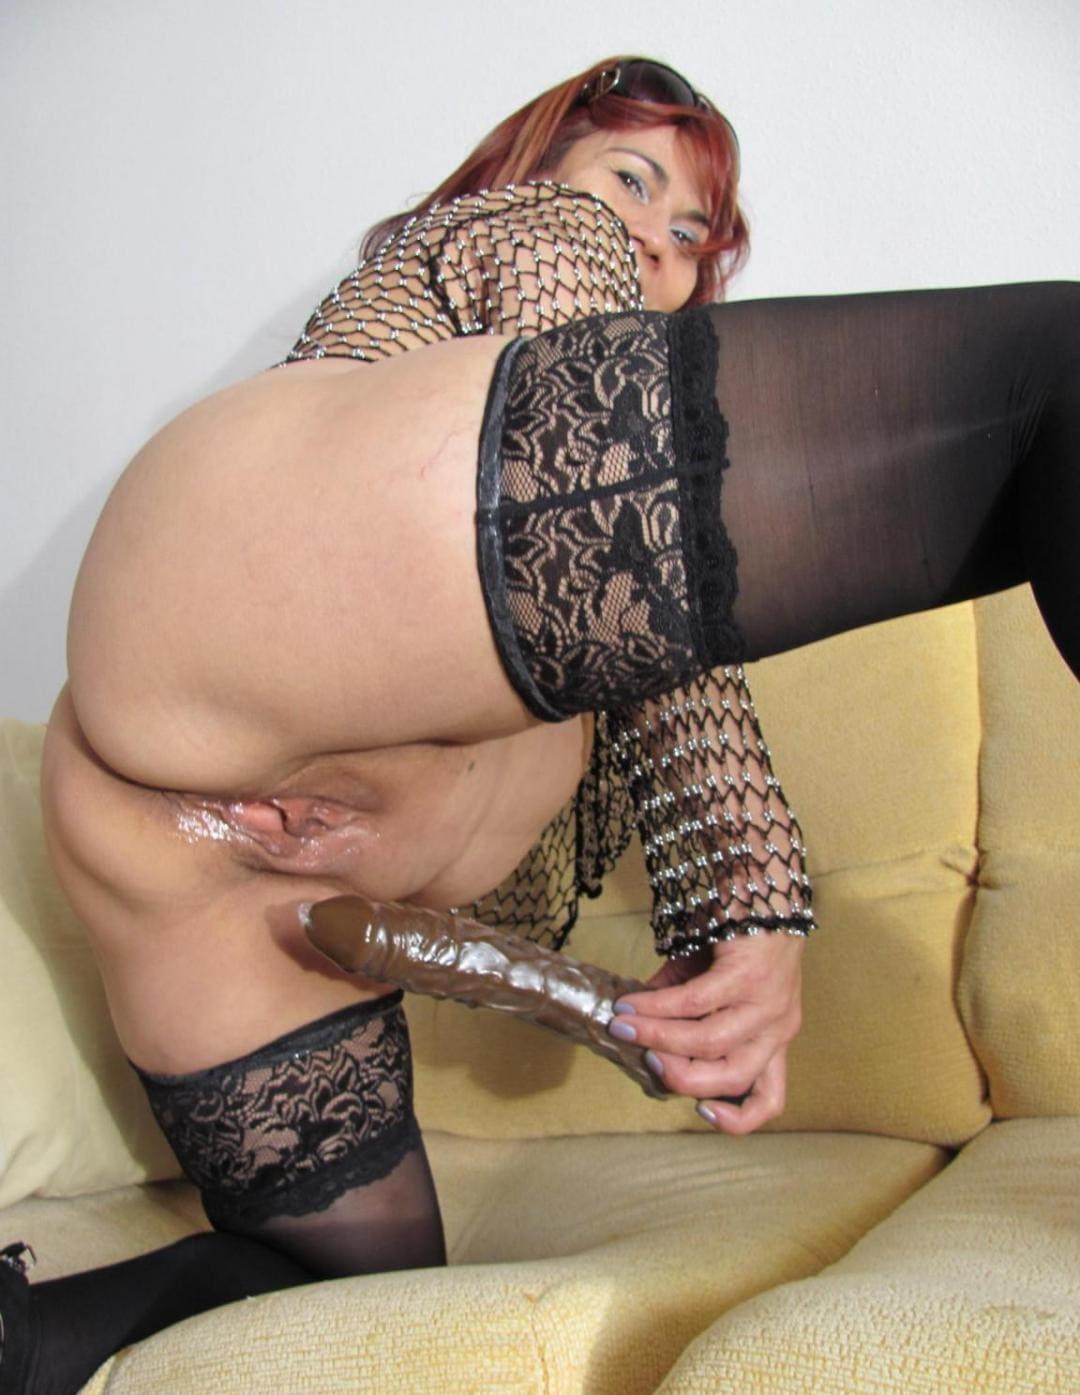 порно зрелые рыжие раскорячилась на диване в чулках и трахает себя фаллоимитатором, пизда вся блестит от смазки